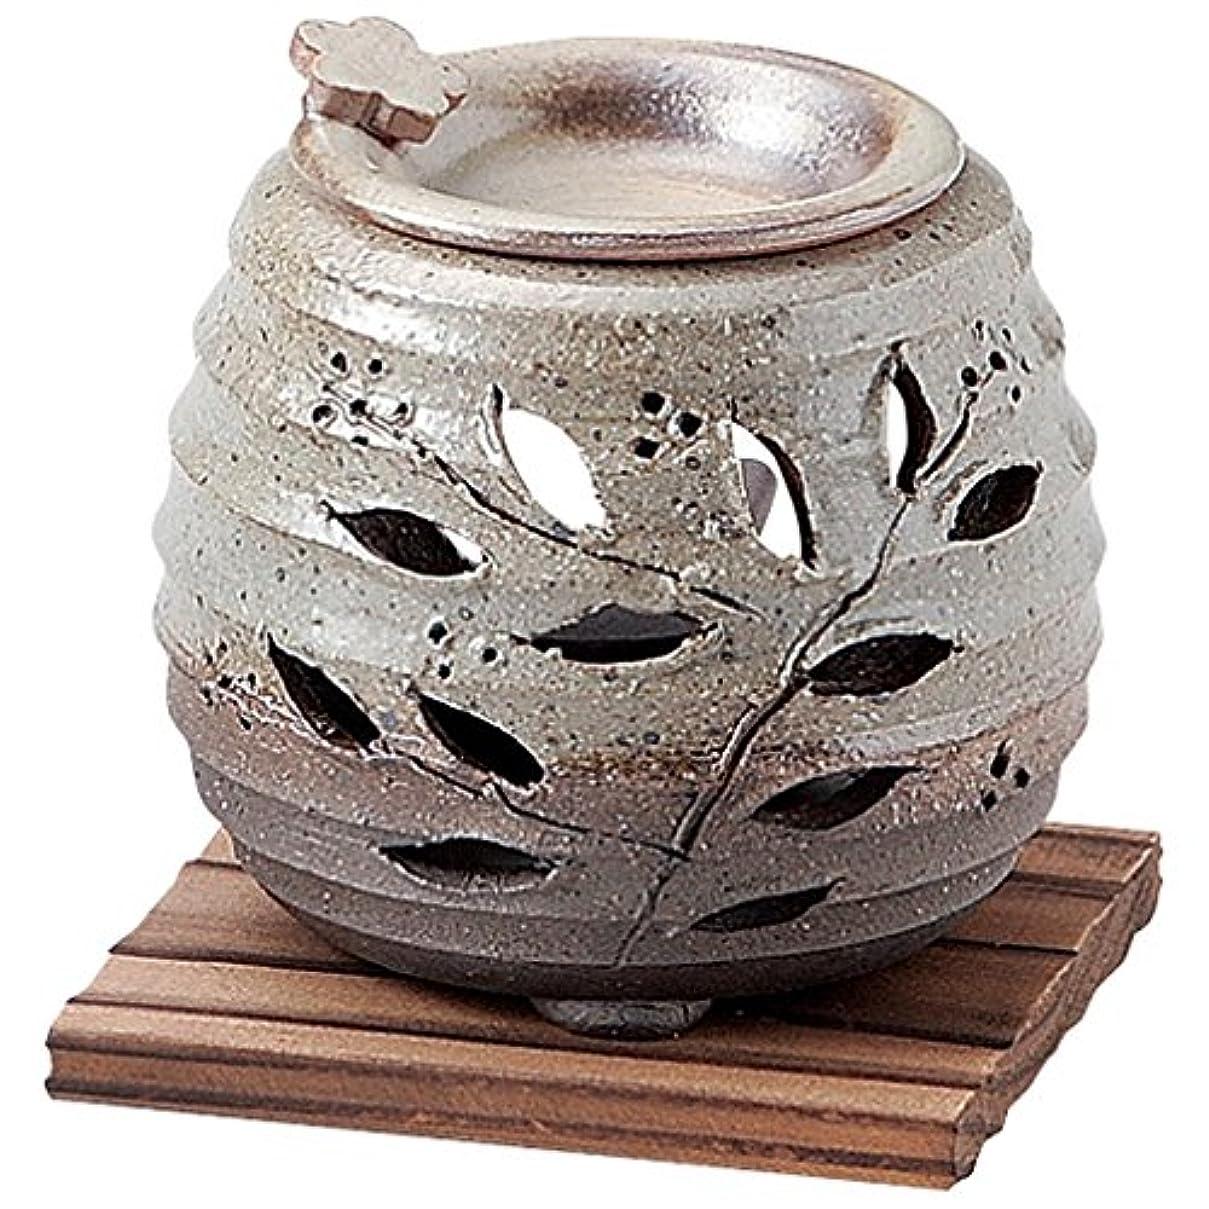 仮説魔術師咳山下工芸 常滑焼 石龍緑灰釉花茶香炉 板付 10.5×11×11cm 13045750